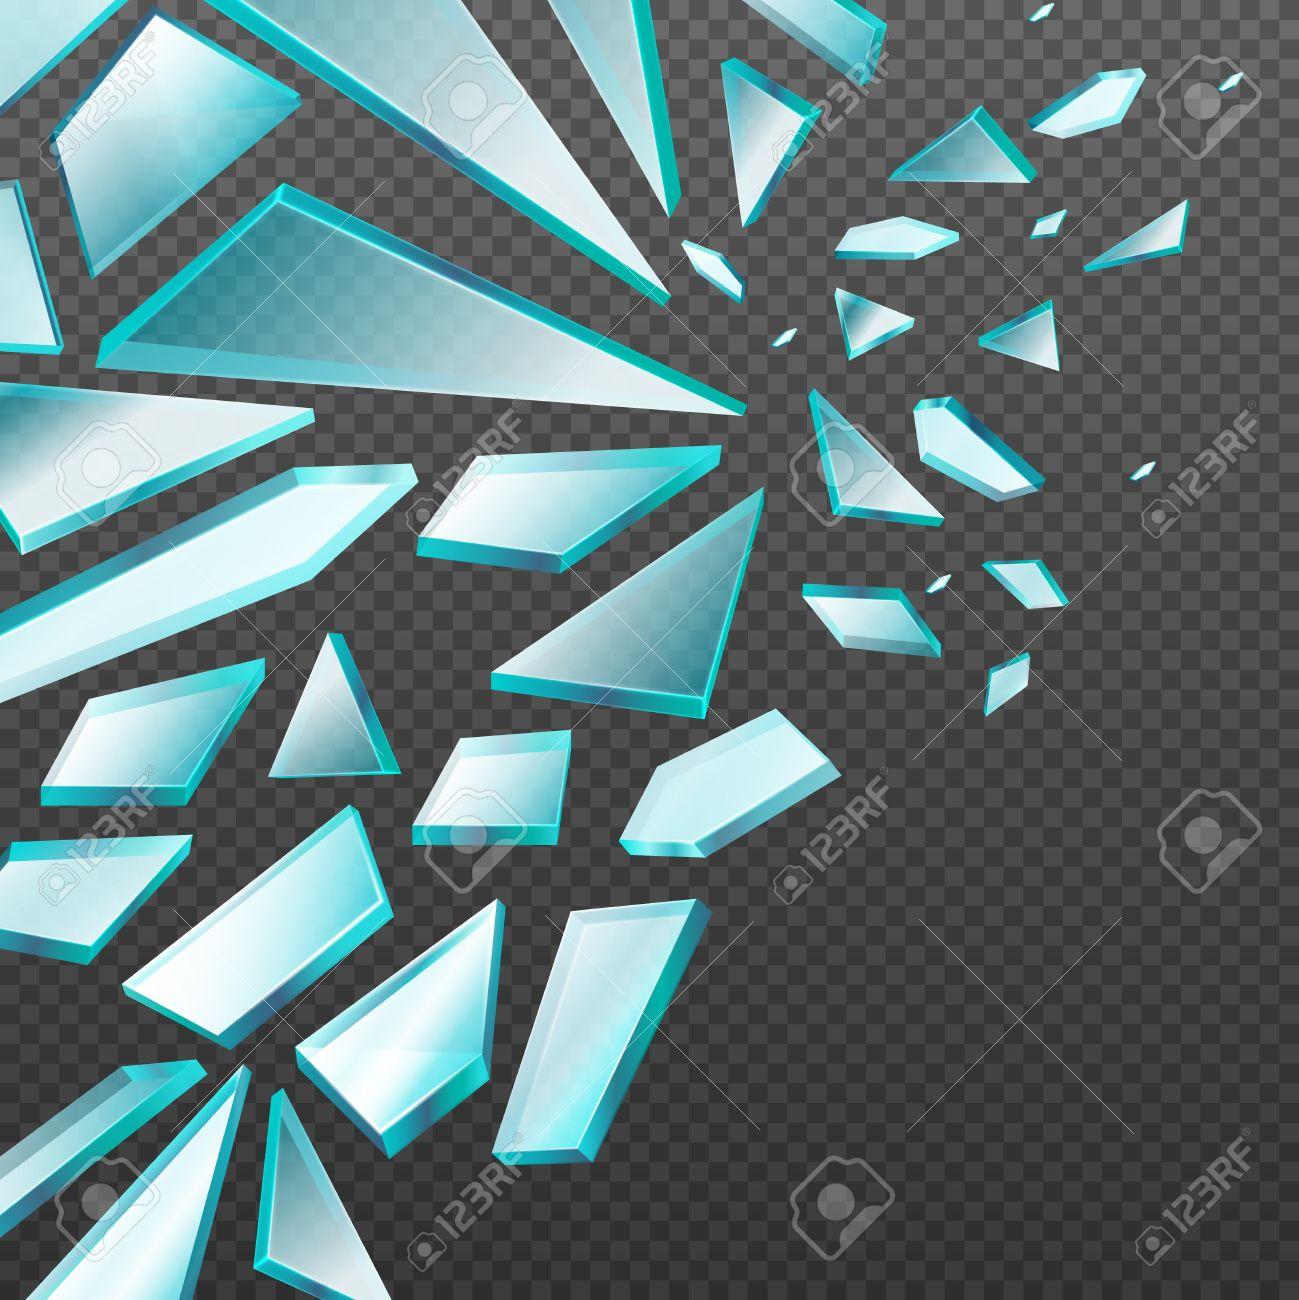 Ventana Con Vidrio Transparente Rotos Fragmentos De Vectores De ...